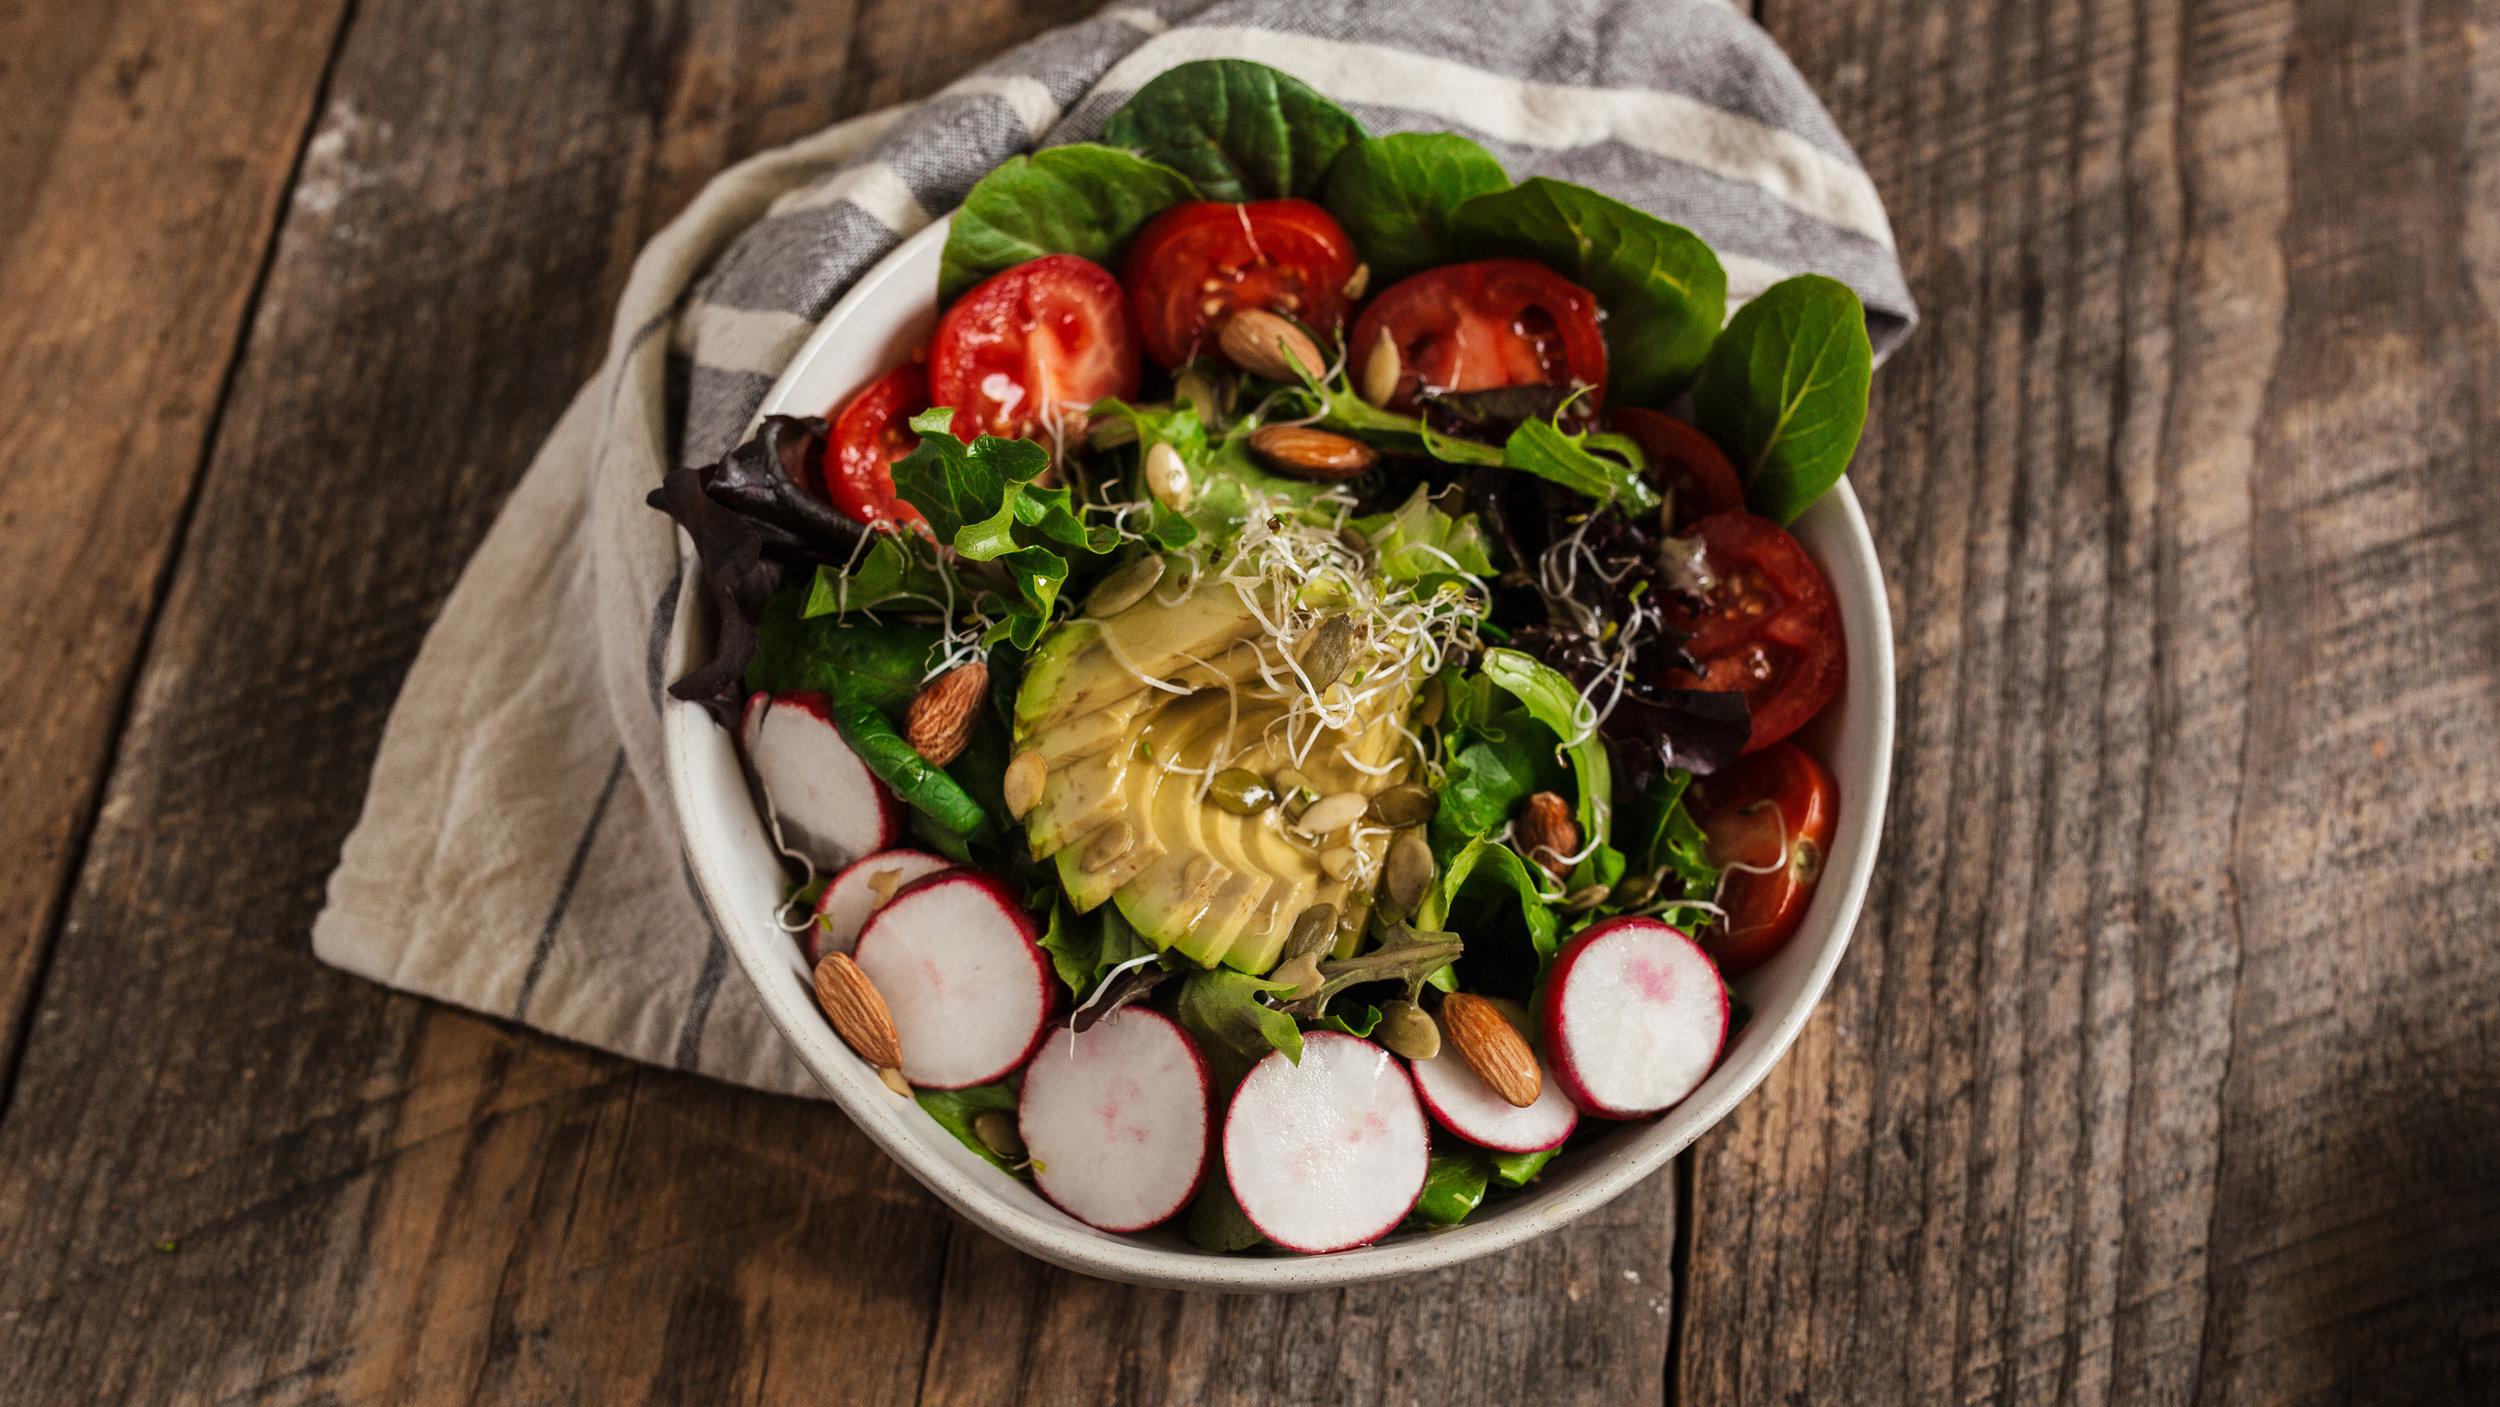 العشاء 4 - السلطة الصحية